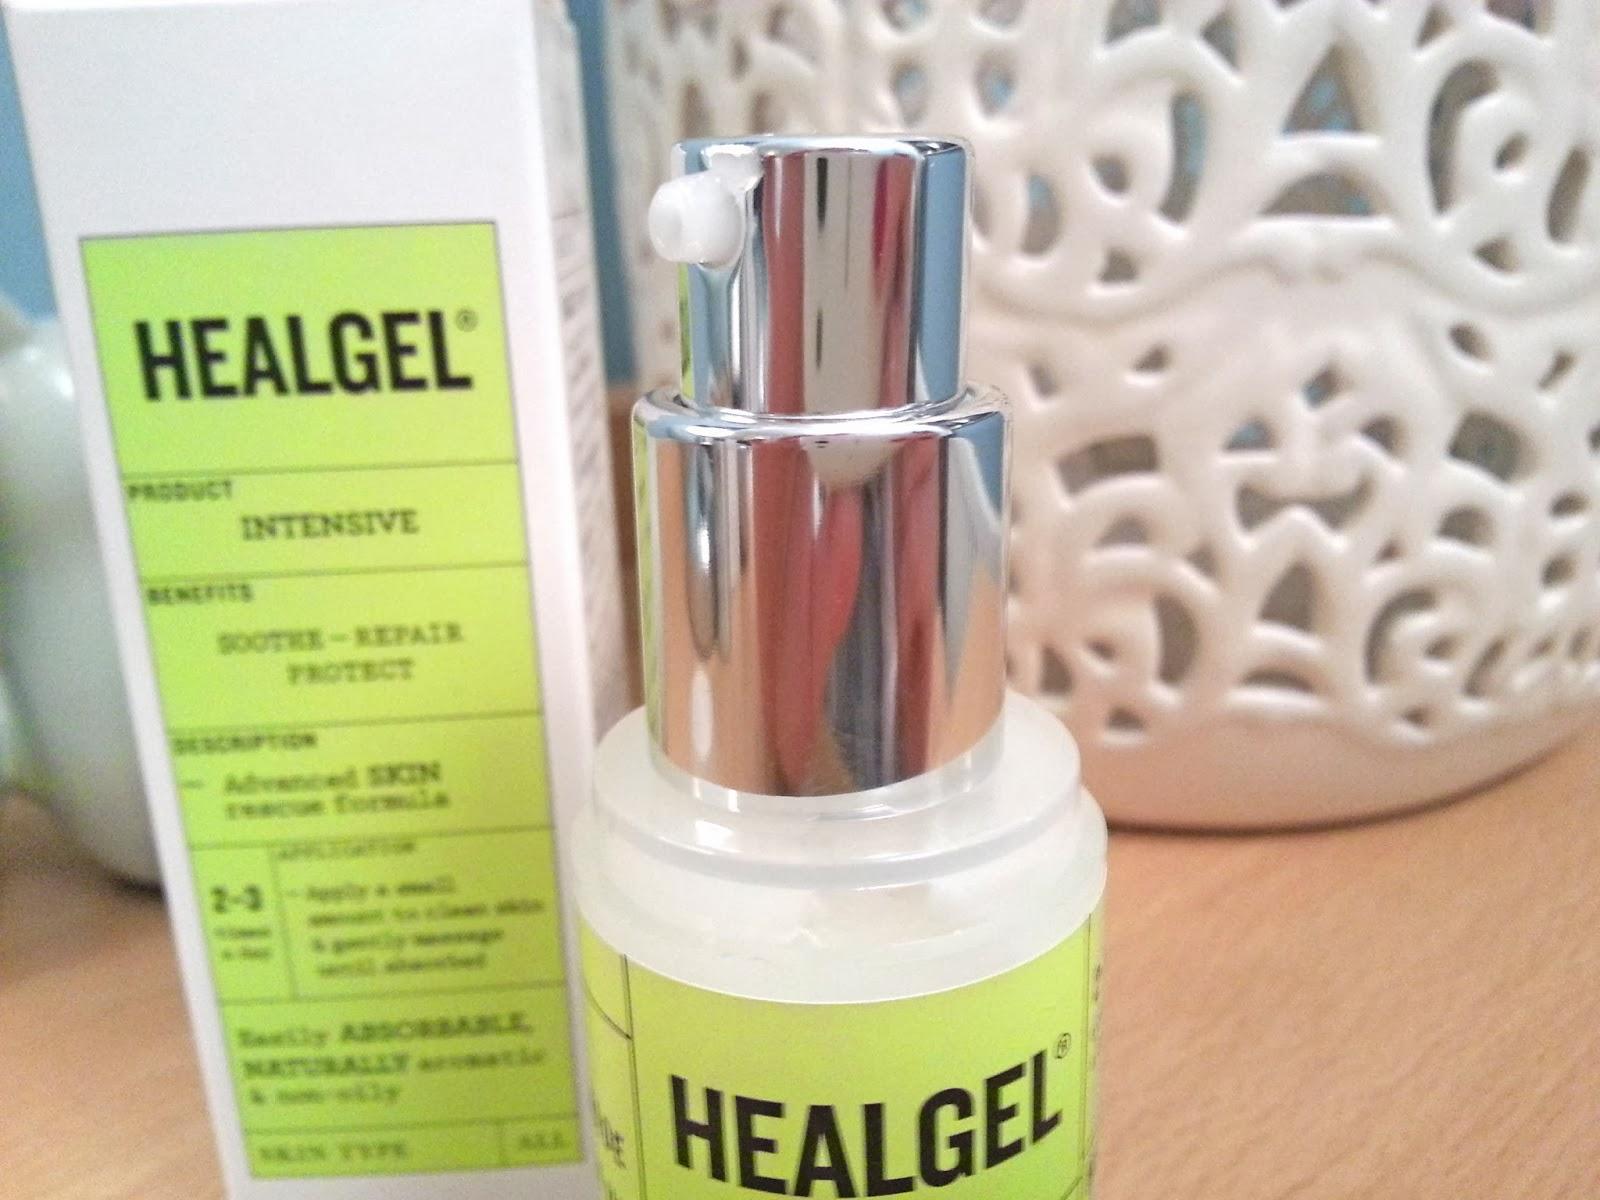 HealGel Intensive Review